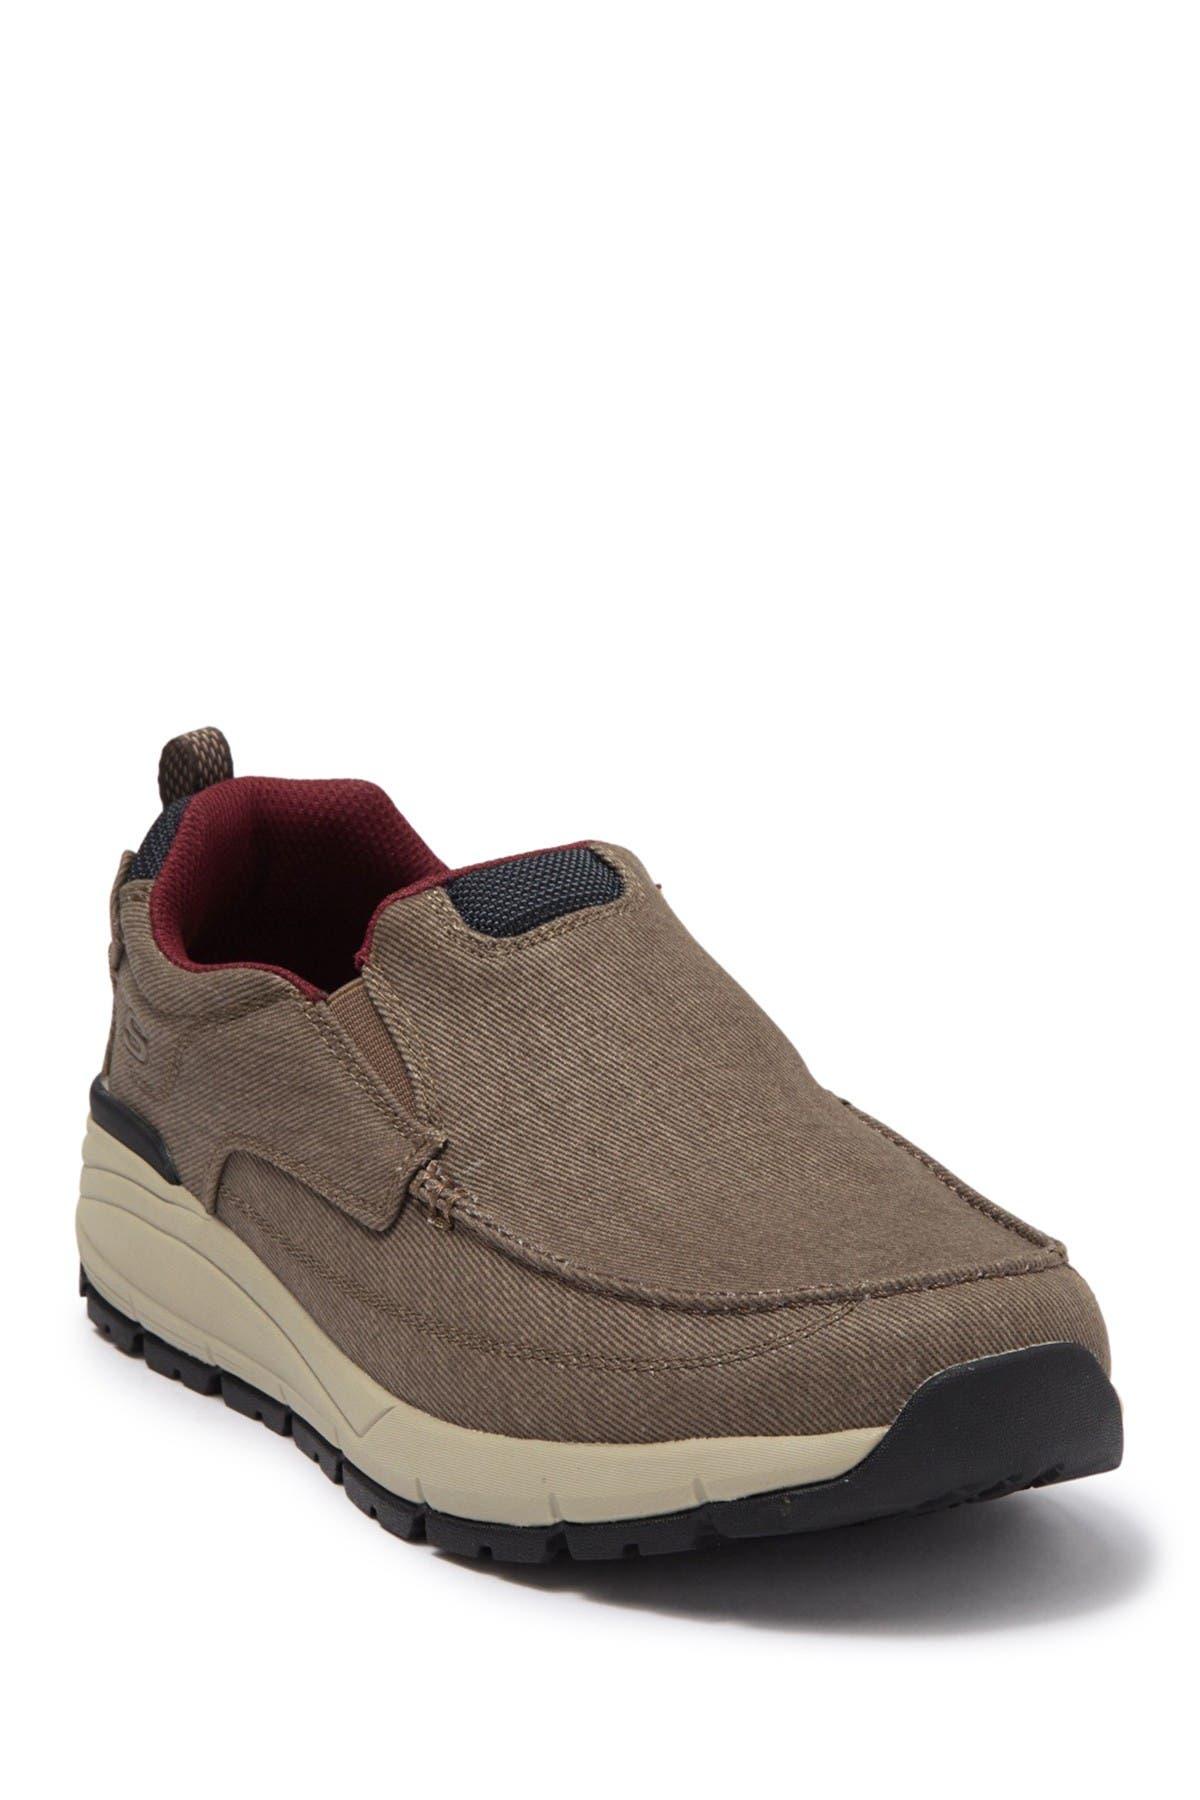 Image of Skechers Volero Baldor Slip-On Sneaker